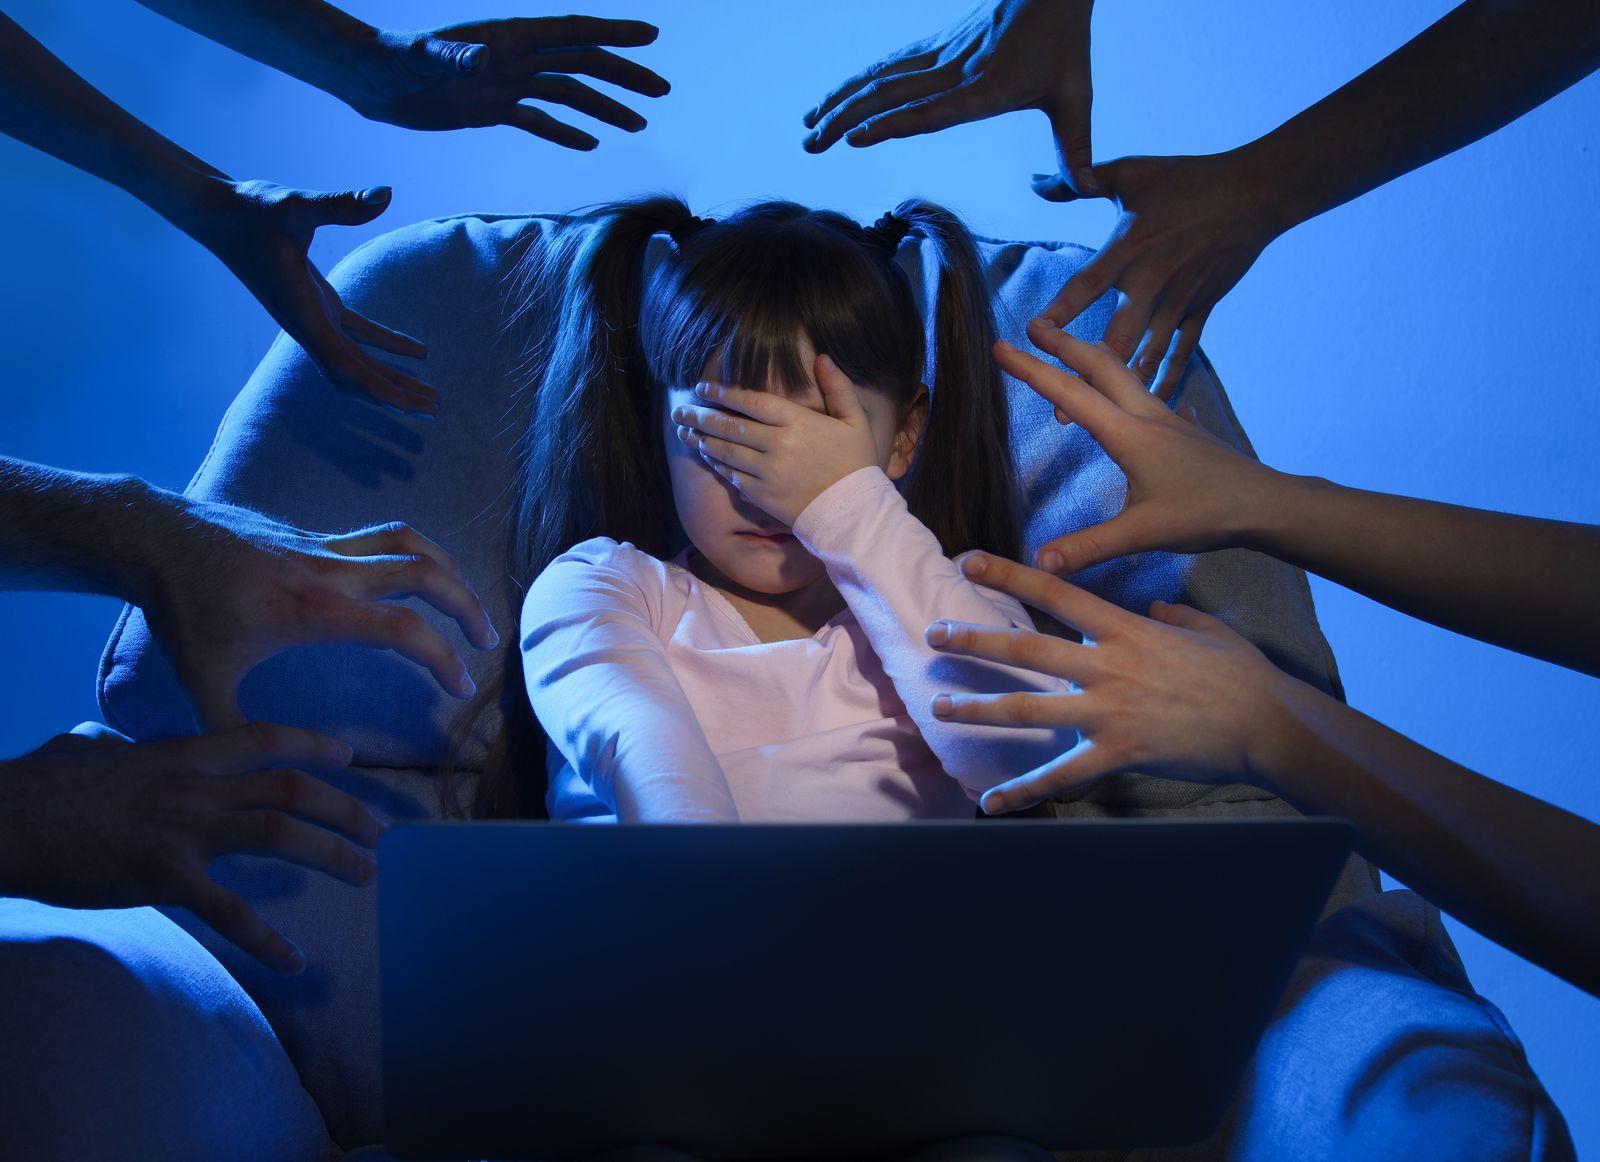 Jak uchronić swoje dziecko przed pedofilami w internecie? - Zdjęcie główne